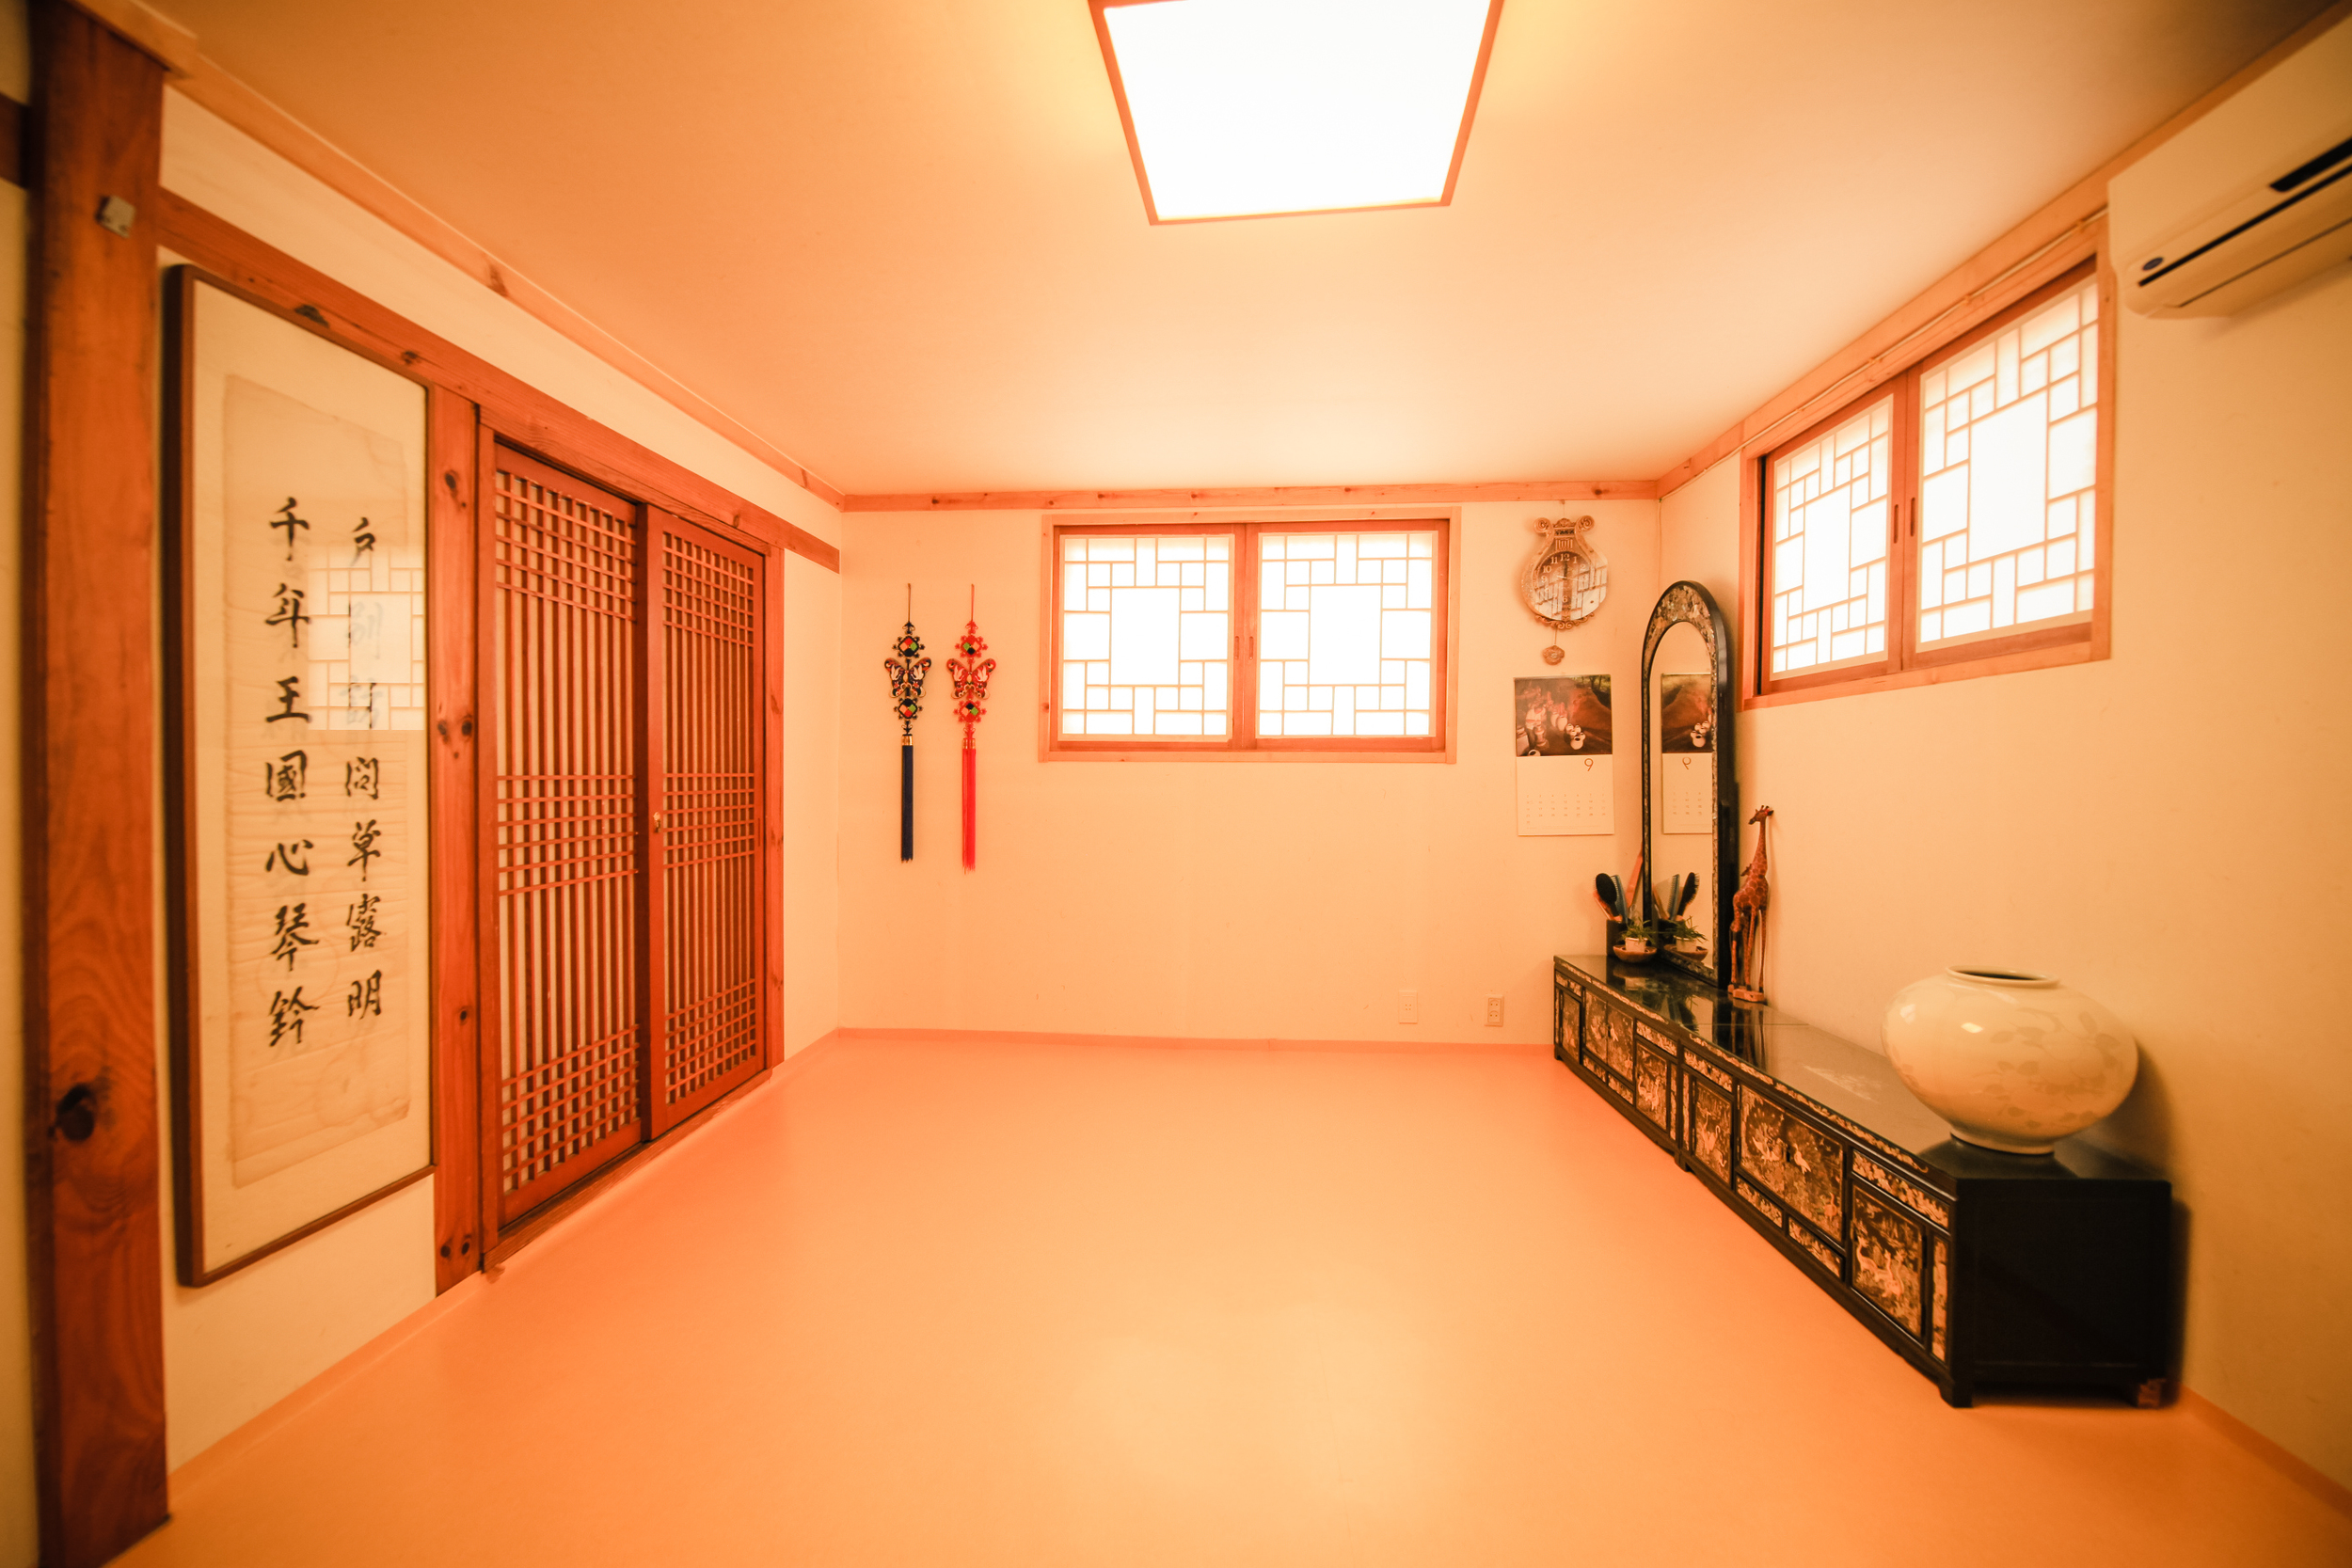 103 family room IMG_1380.jpg